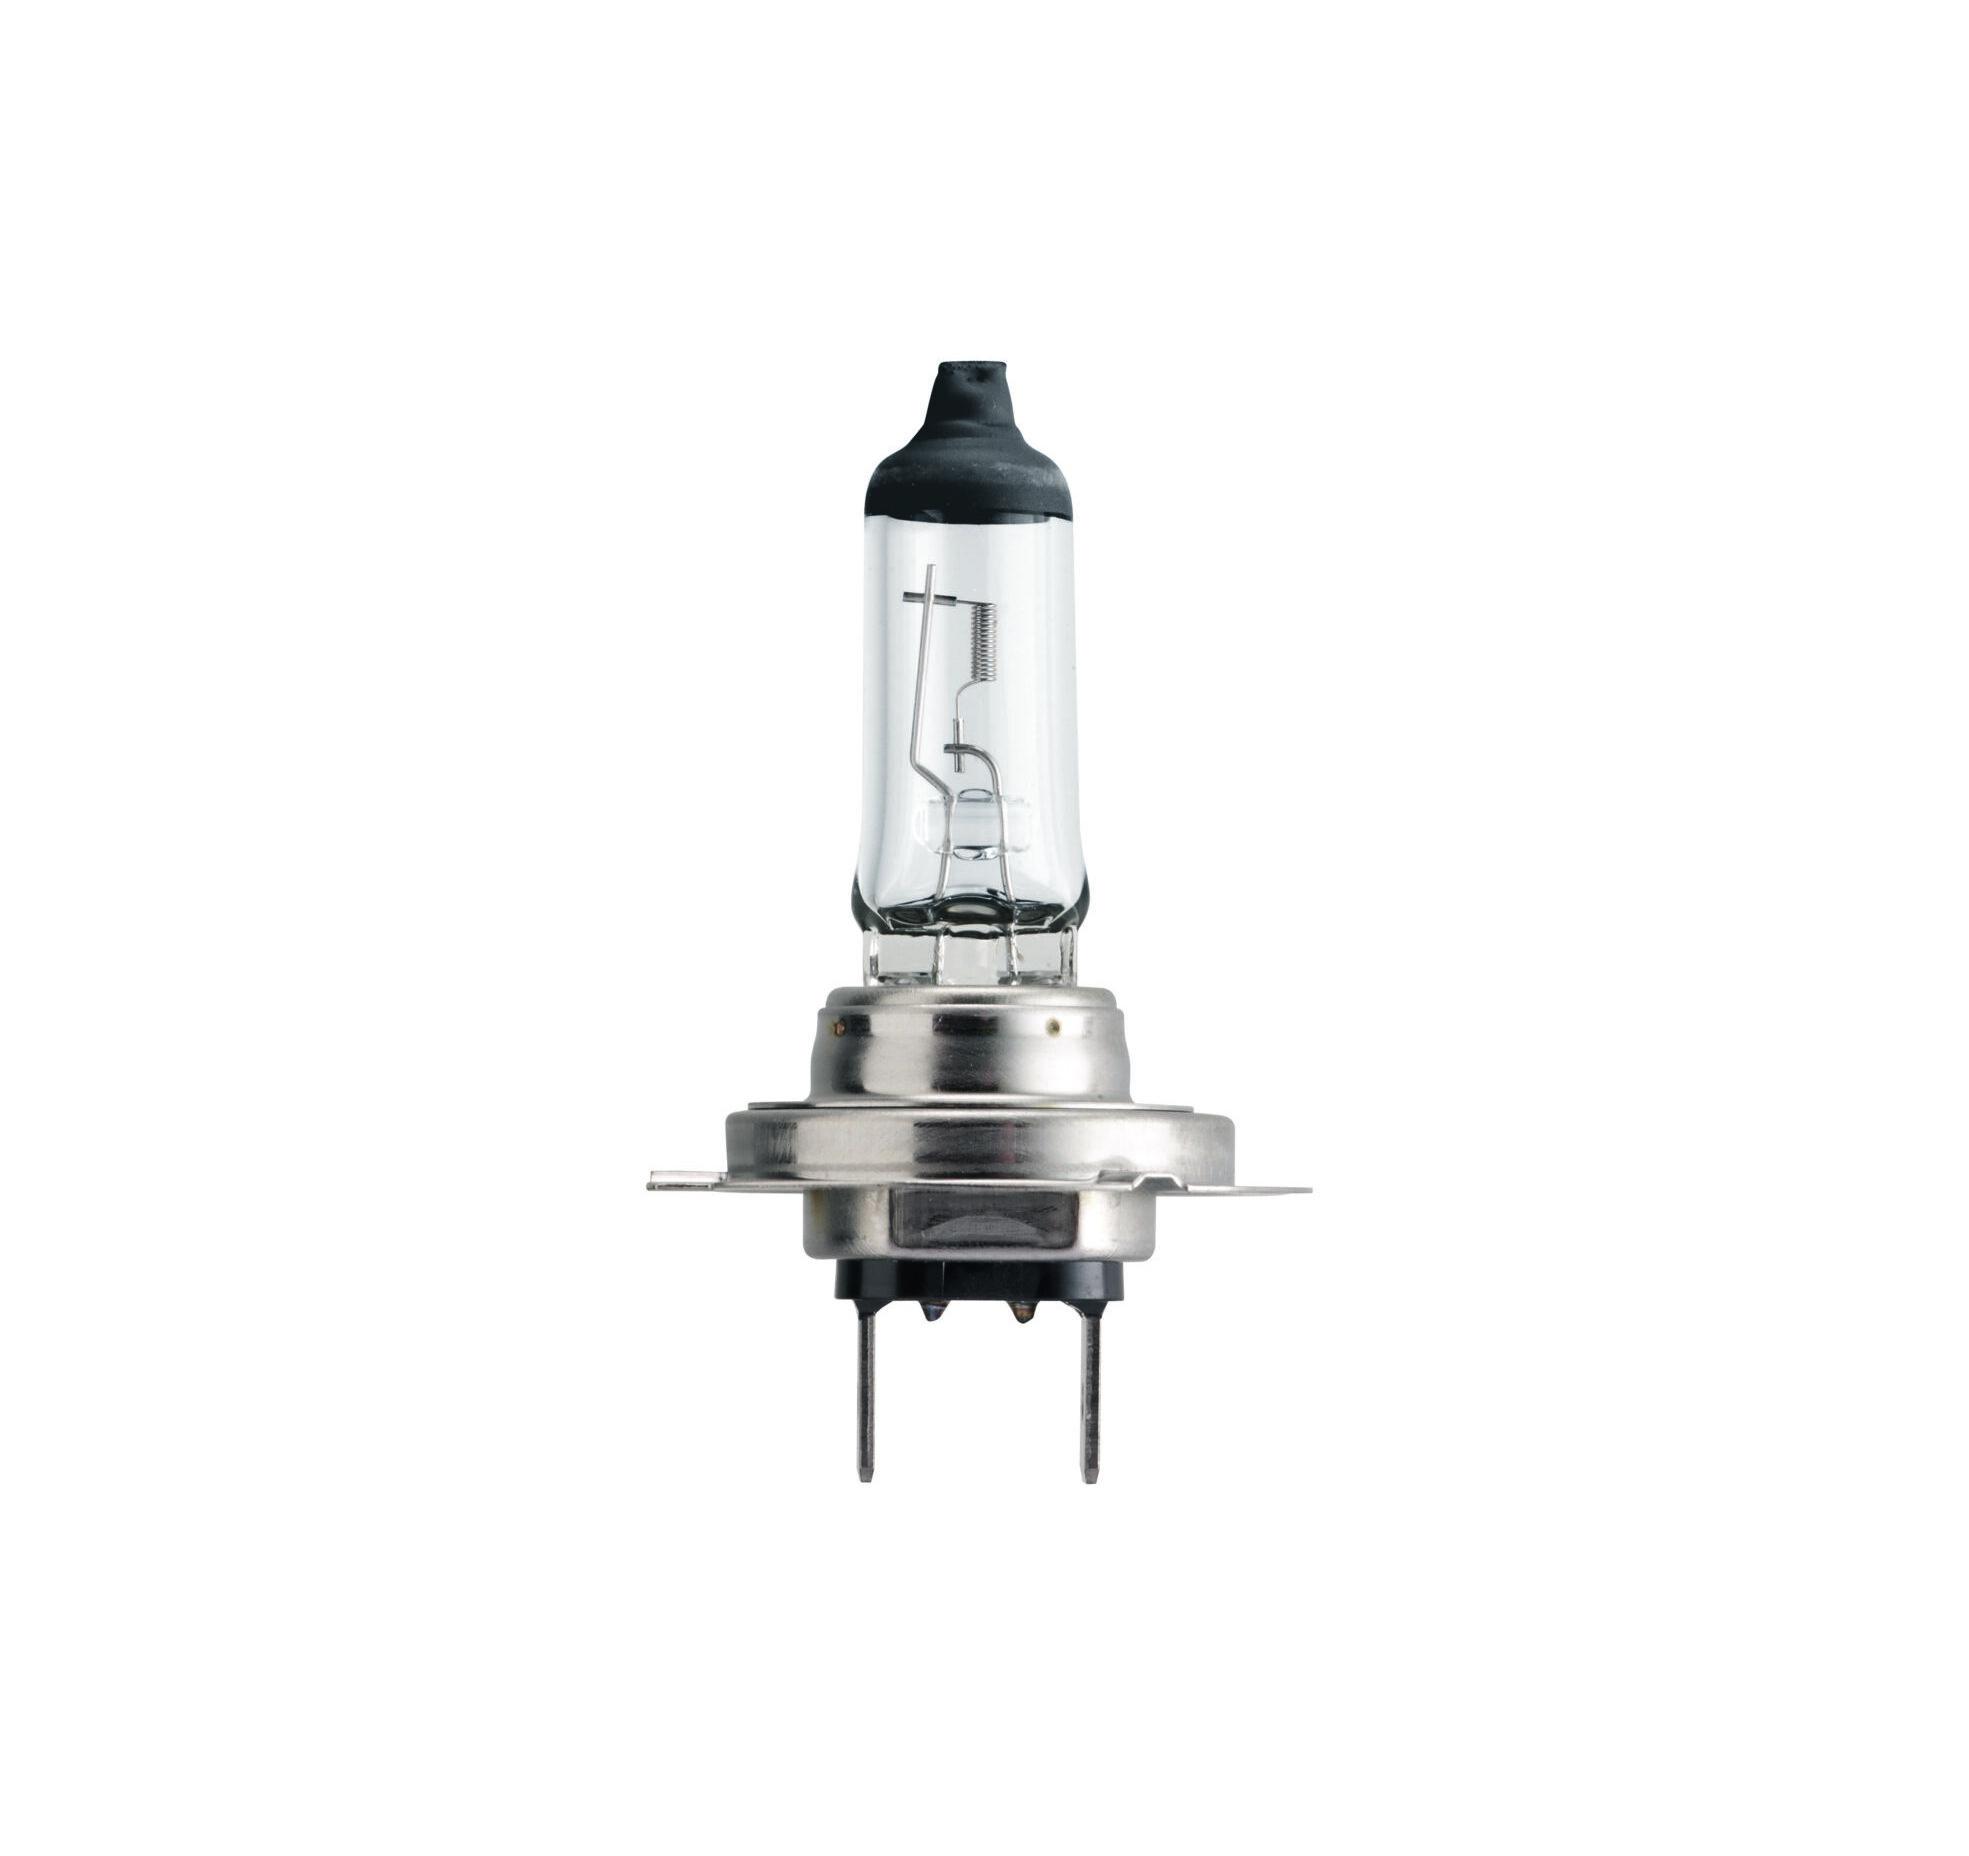 Lampada Farol Philips H7 12v 55w Standard (h7-12972-ci) Xtz Tenere 250 - Cbr 600rr/1000 - Gl1800 - Vtx1800 - Cb 600